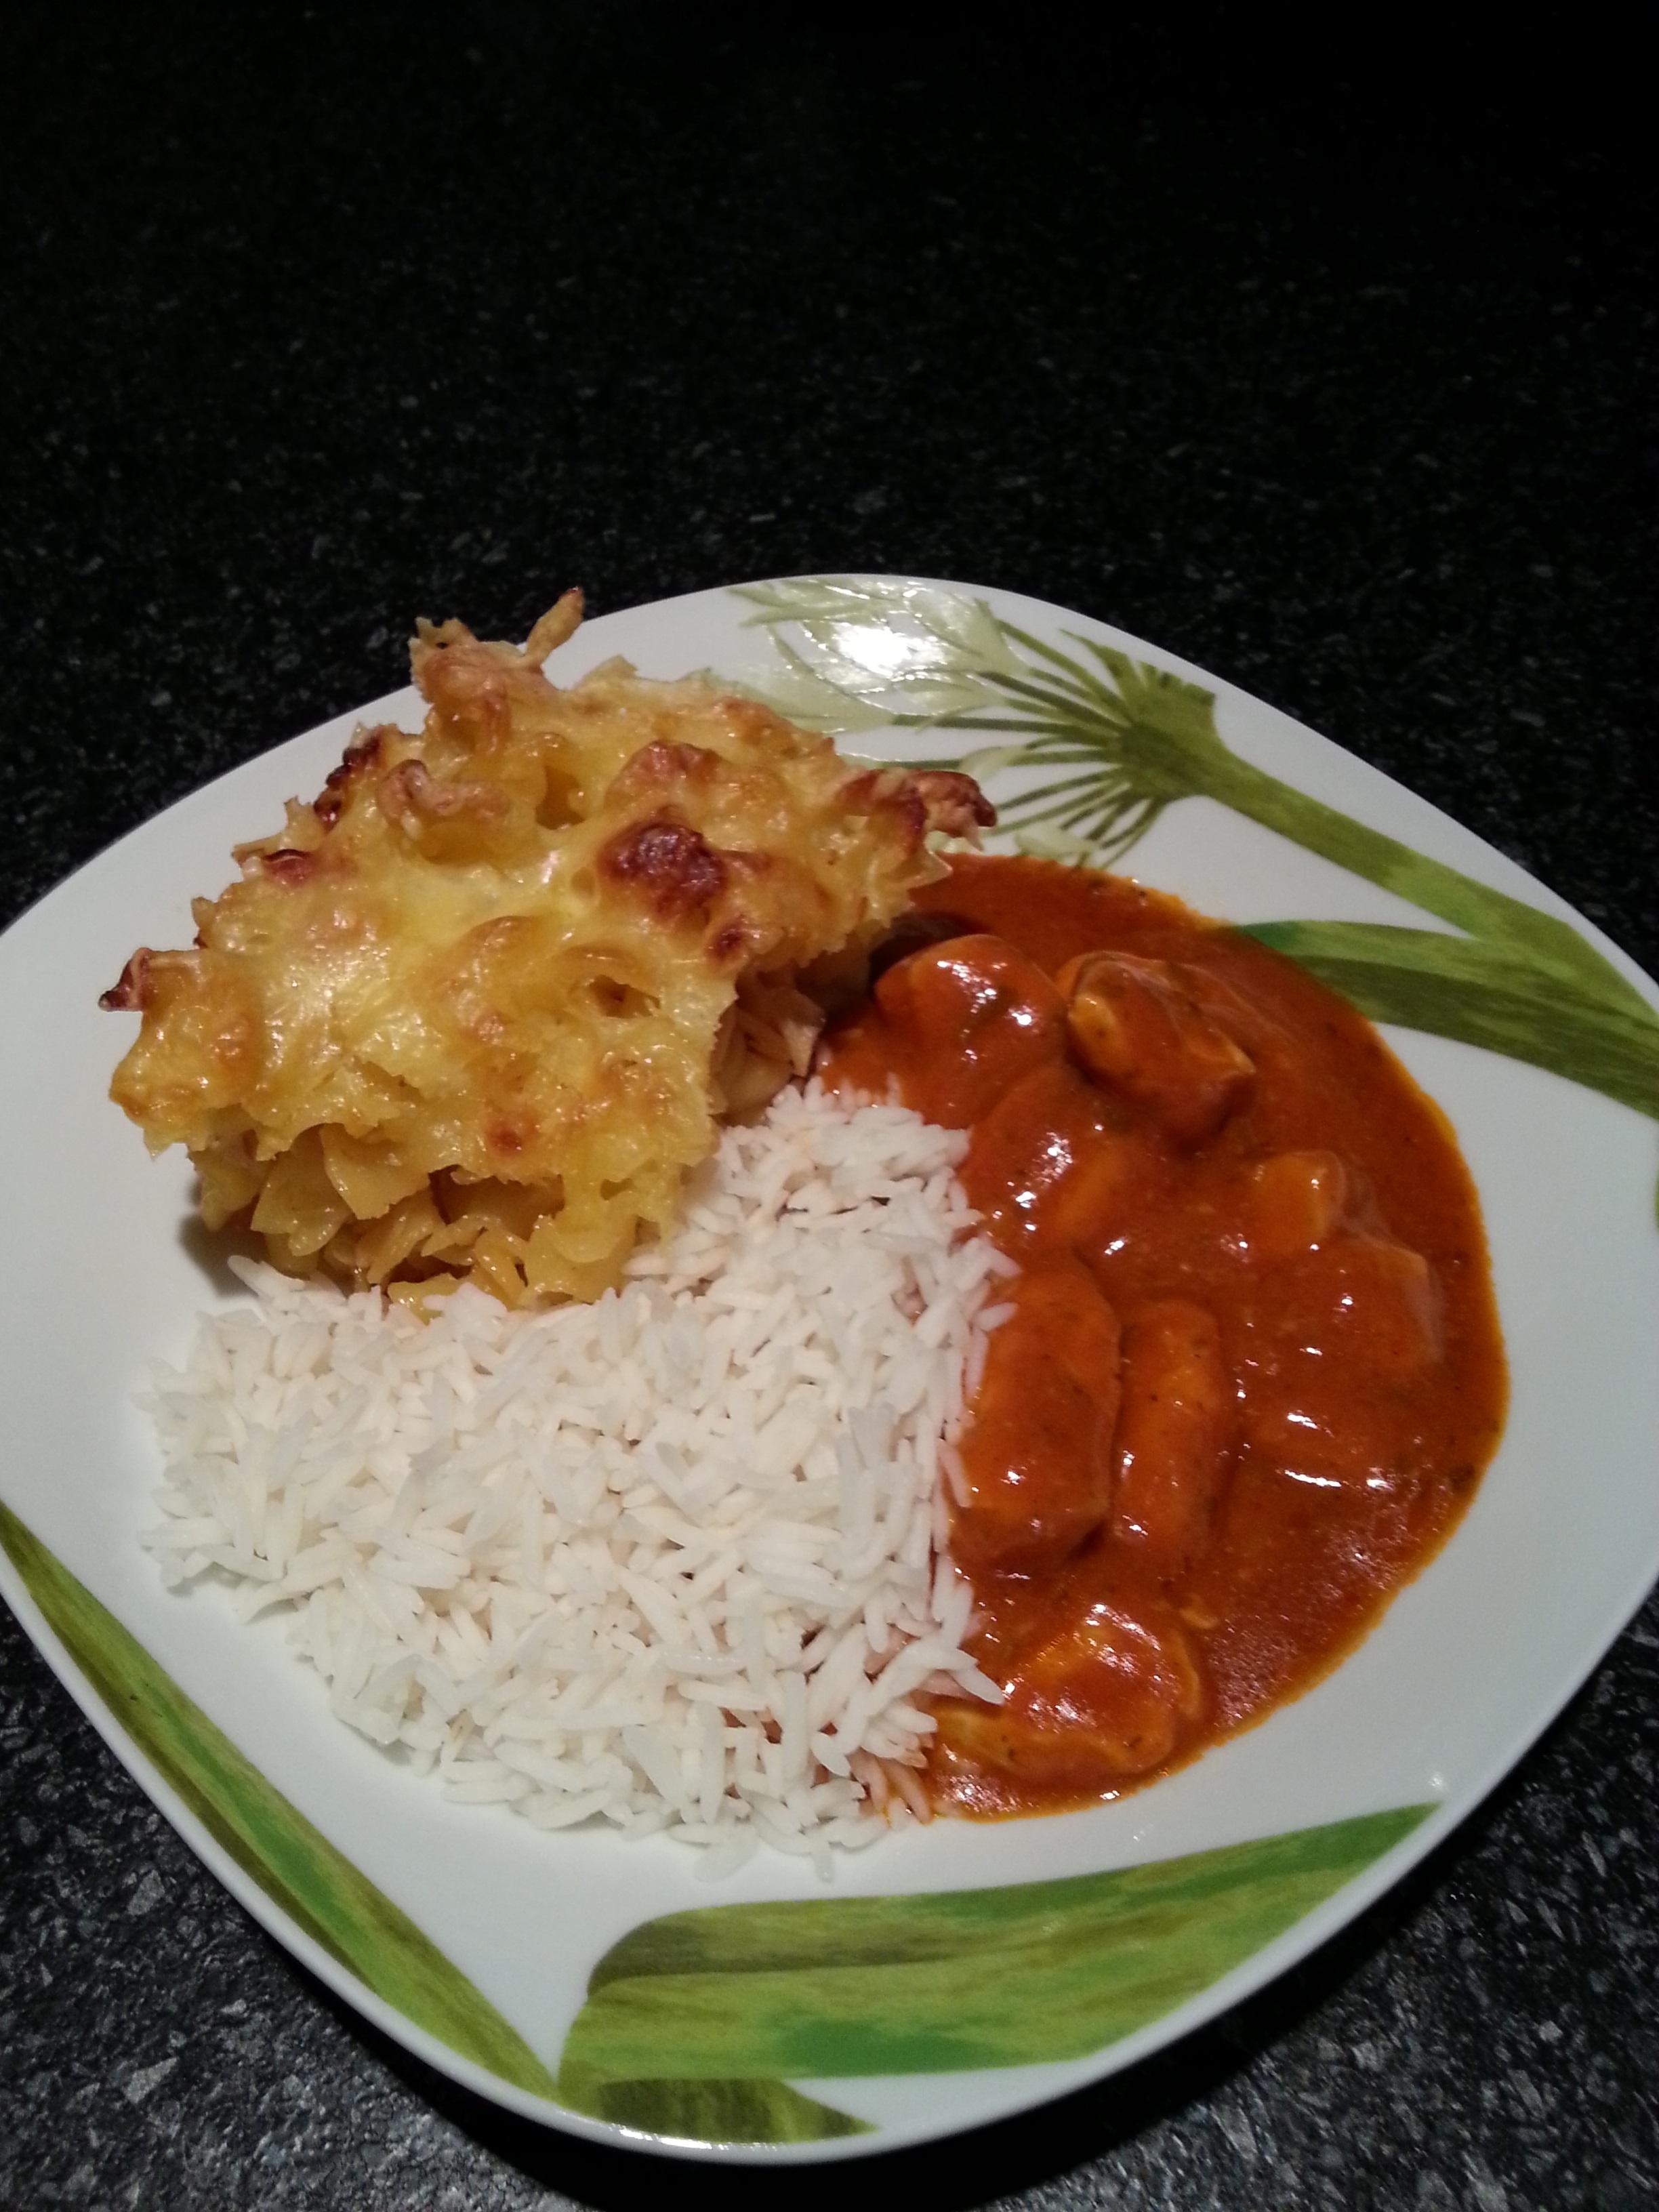 https://foodloader.net/DeepBlueSea_2014-09-09_Thai_H__hnchen_Red_Curry_mit_Reis_und_Nudelauflauf.jpg